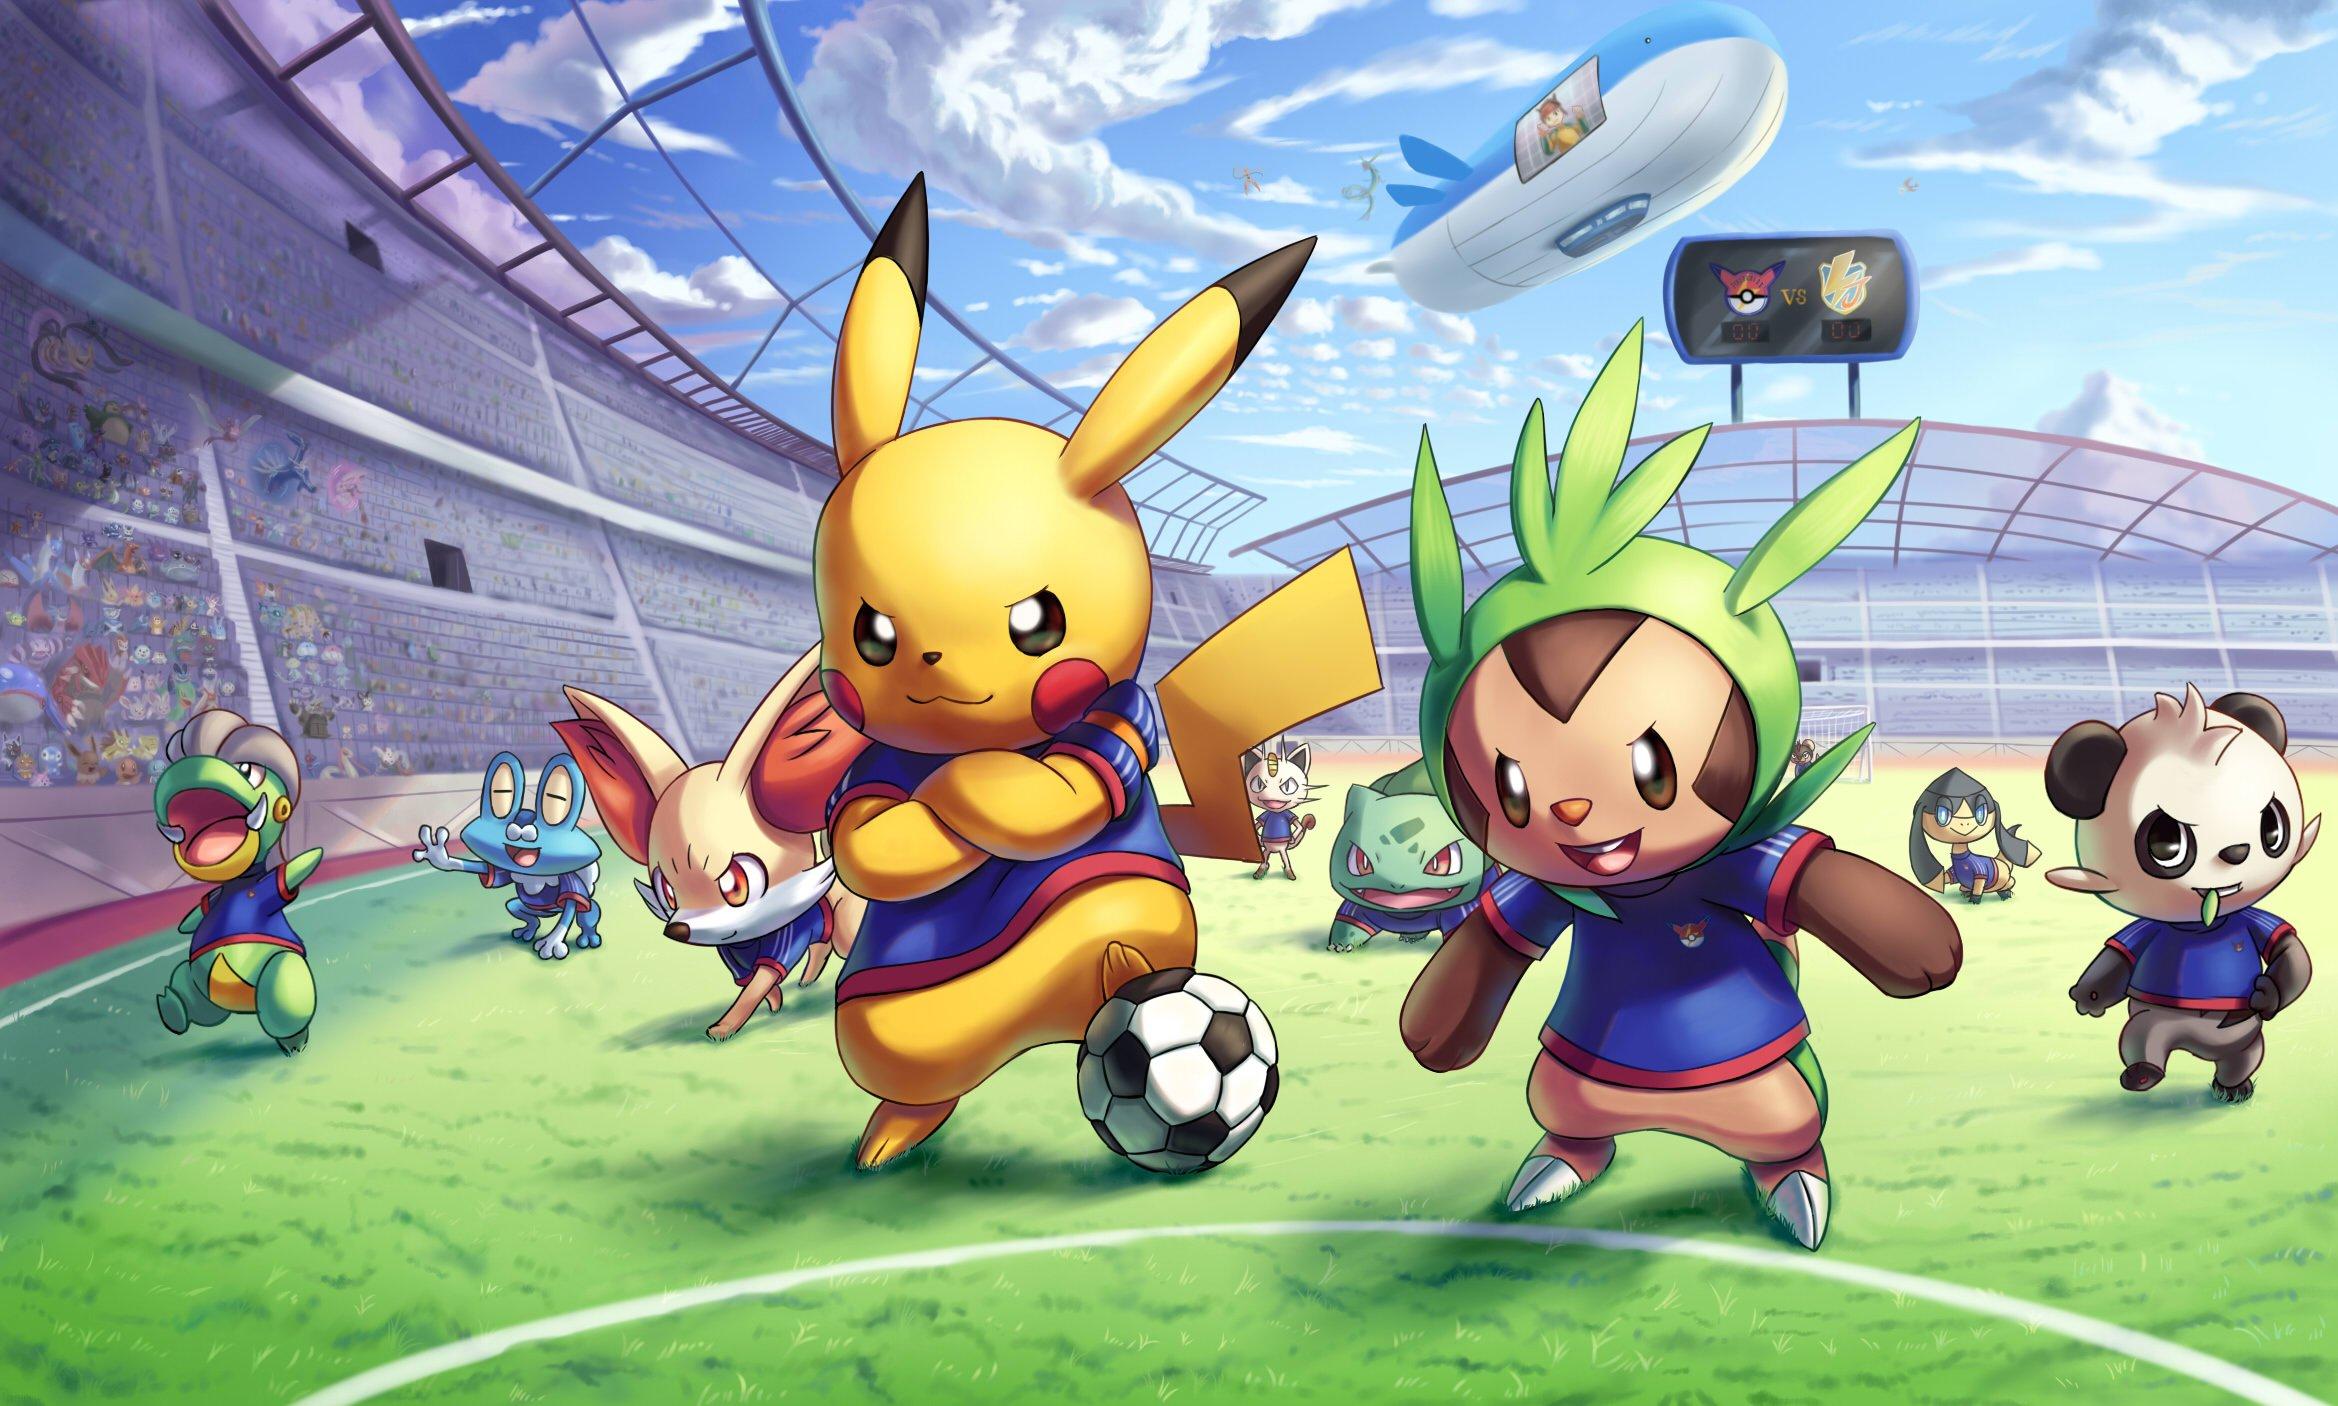 Fondos de pantalla Anime Personajes de Pokemon jugando futbol